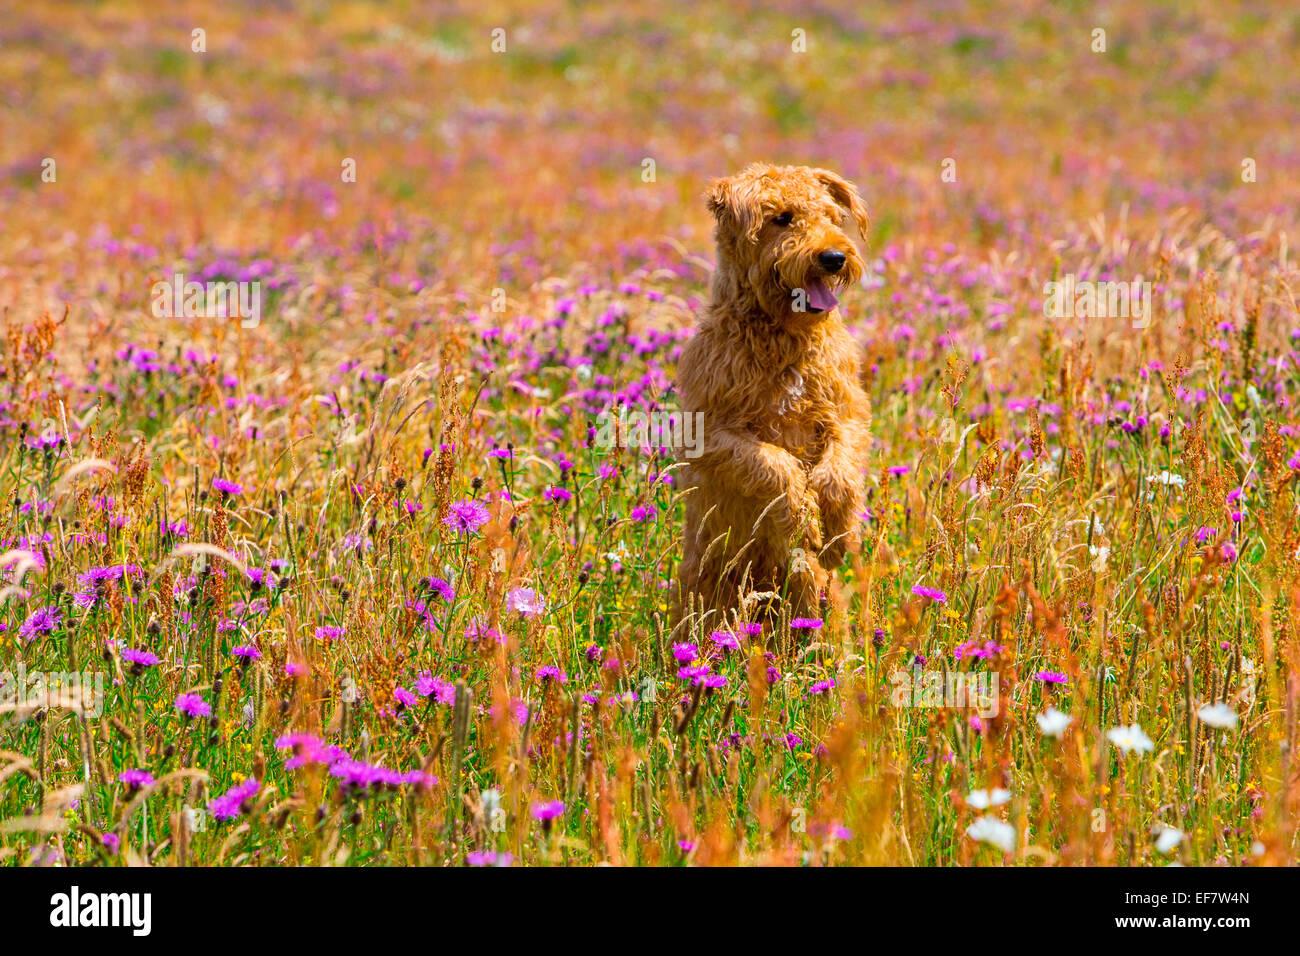 Chien terrier debout sur ses pattes dans wildflower meadow Photo Stock